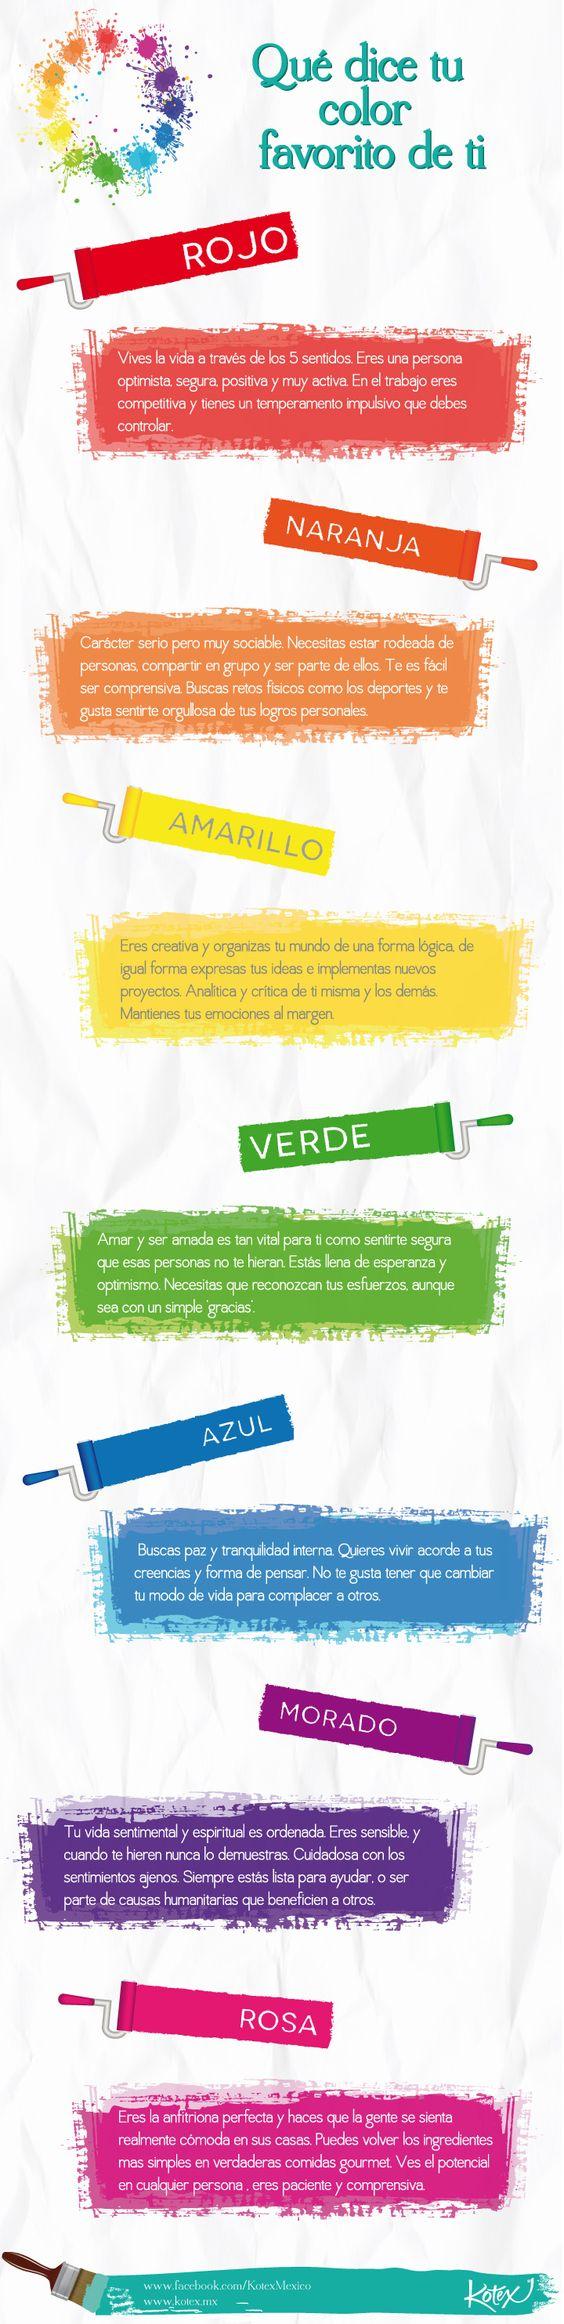 Los colores tienen distintos significados, ¿sabes cuáles son?   #Color #Meaning #Infografía